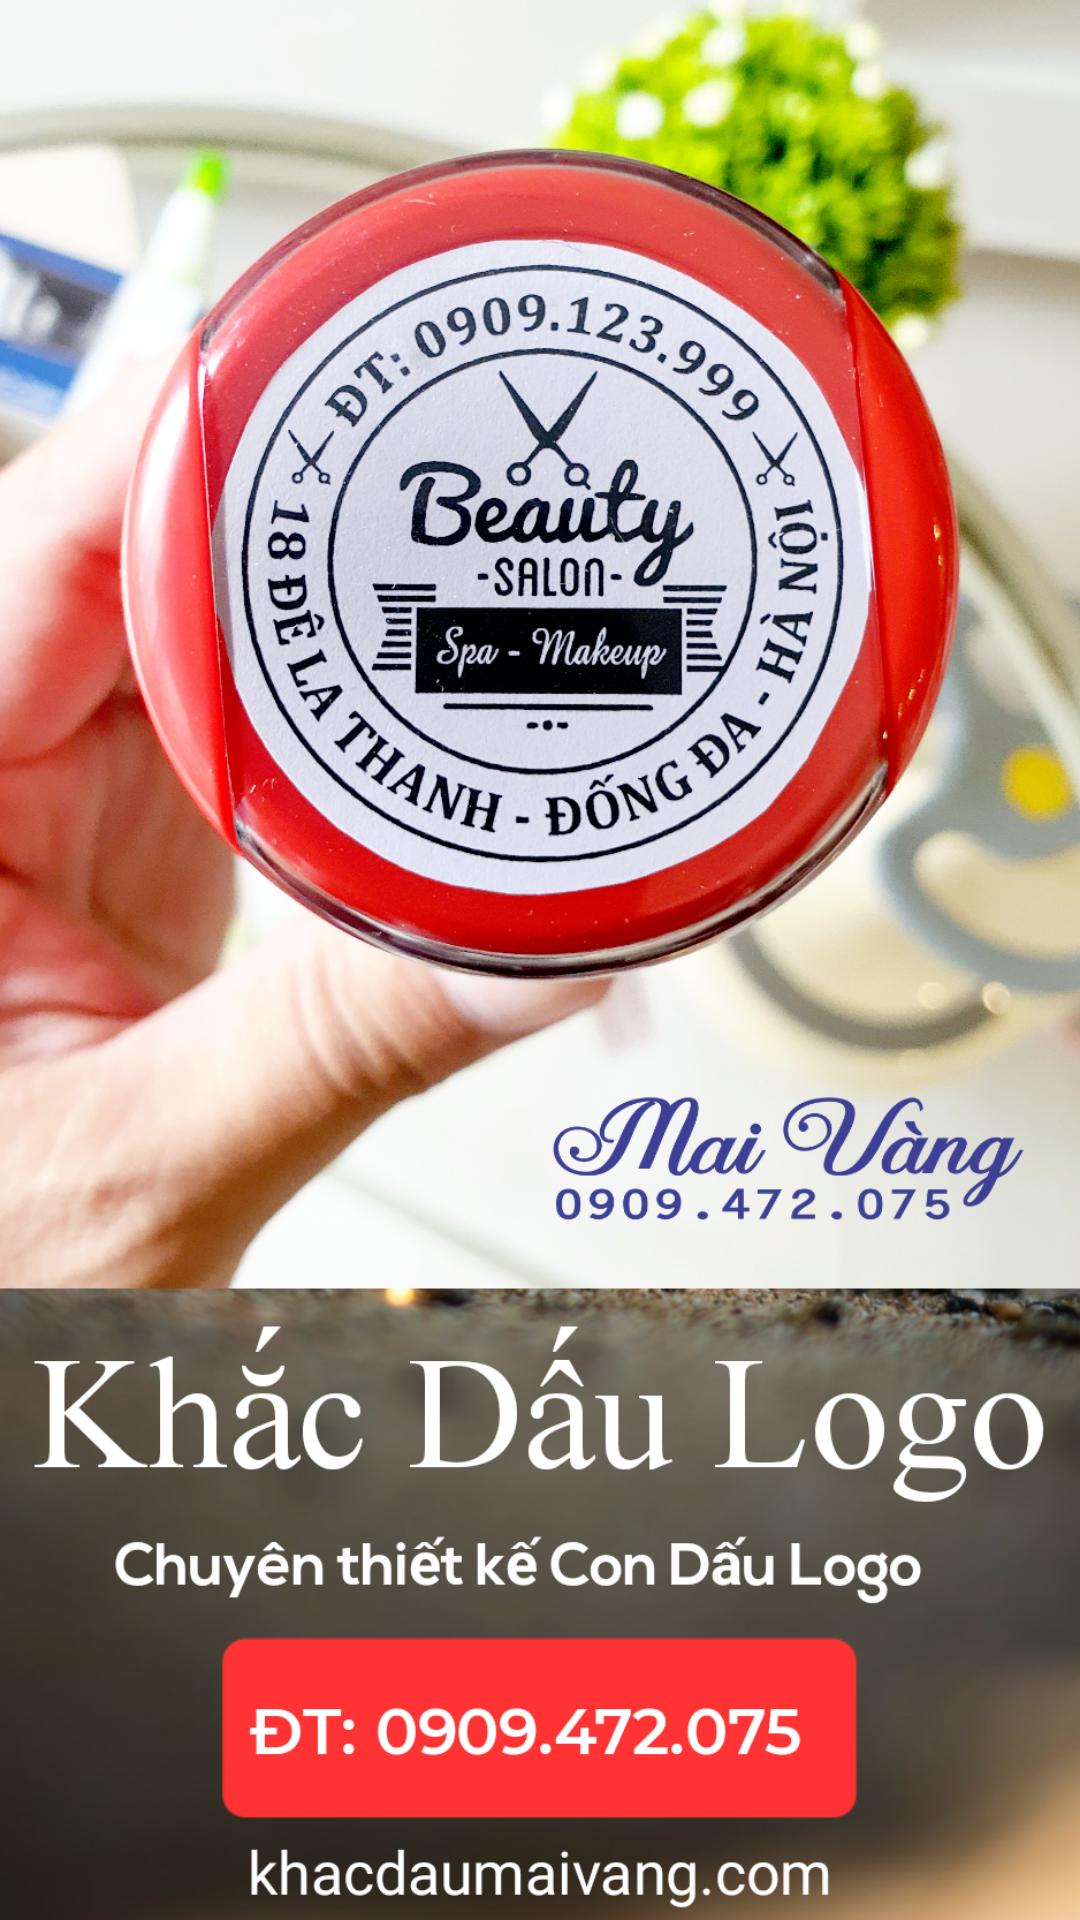 khắc con dấu logo theo yêu cầu, với thiết kế phù hợp với từng yêu cầu chúng tôi lun cho ra những sản phẩm con dấu đẹp